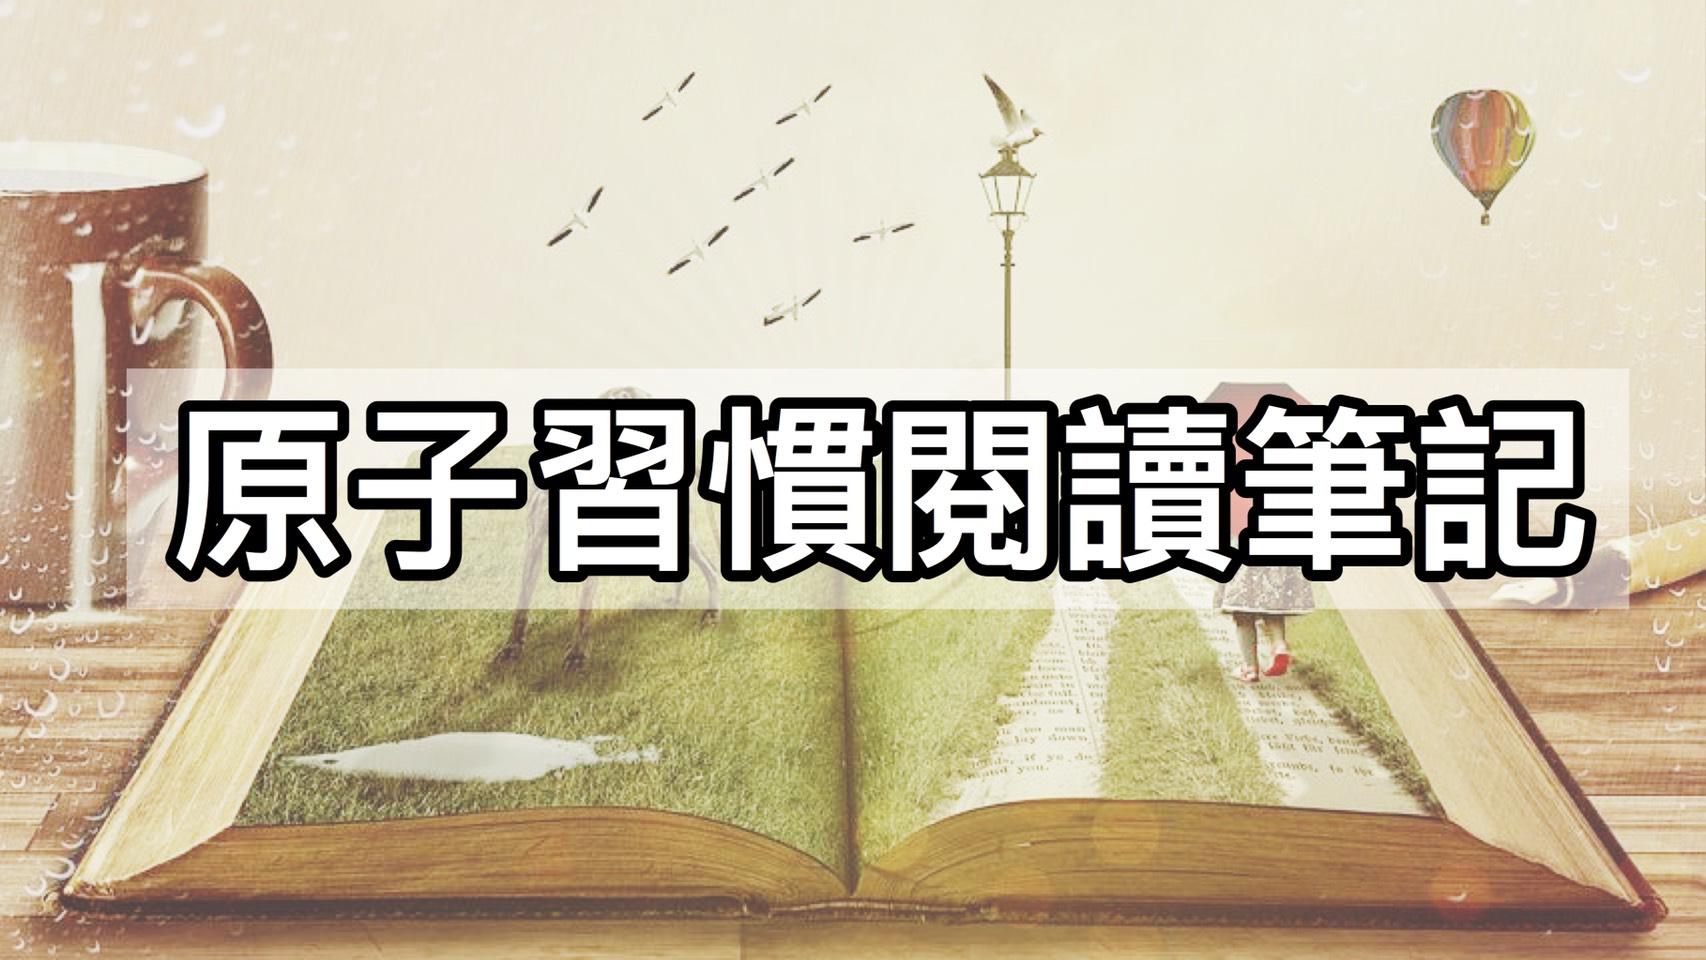 原子習慣閱讀筆記